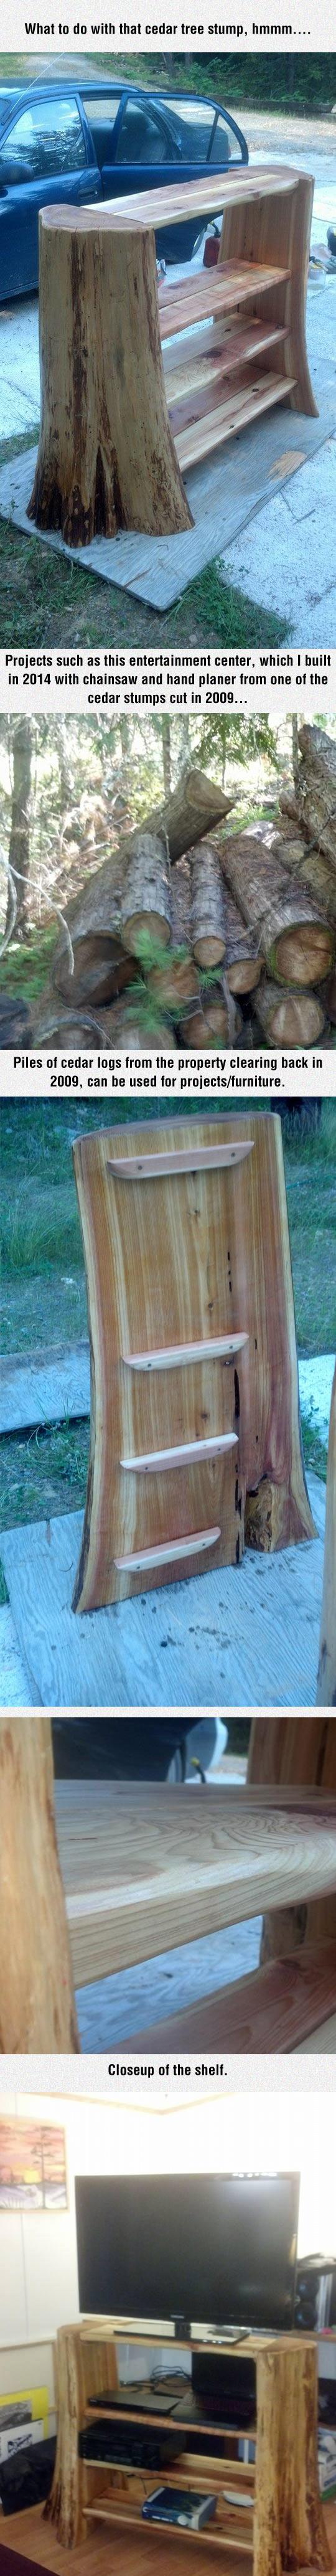 funny-tree-stump-shelf-TV